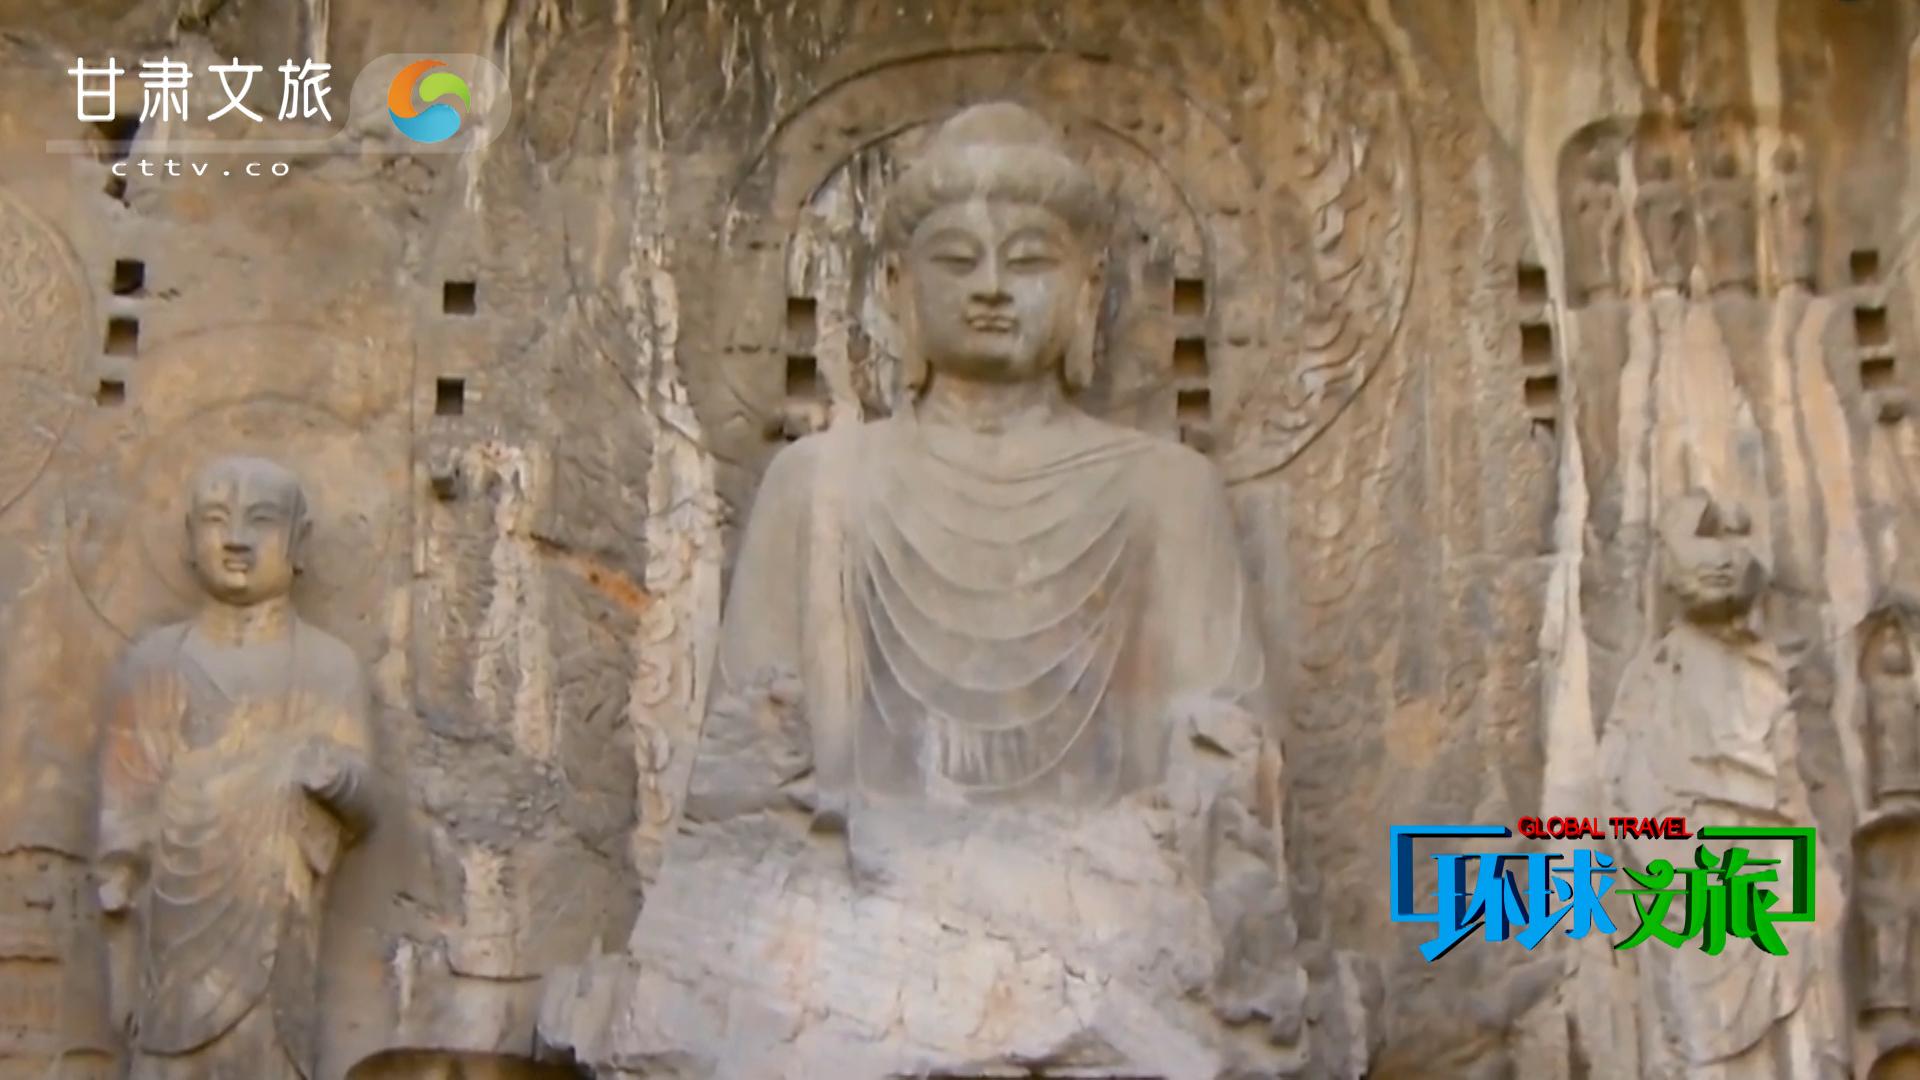 世界顶级艺术宝库——龙门石窟